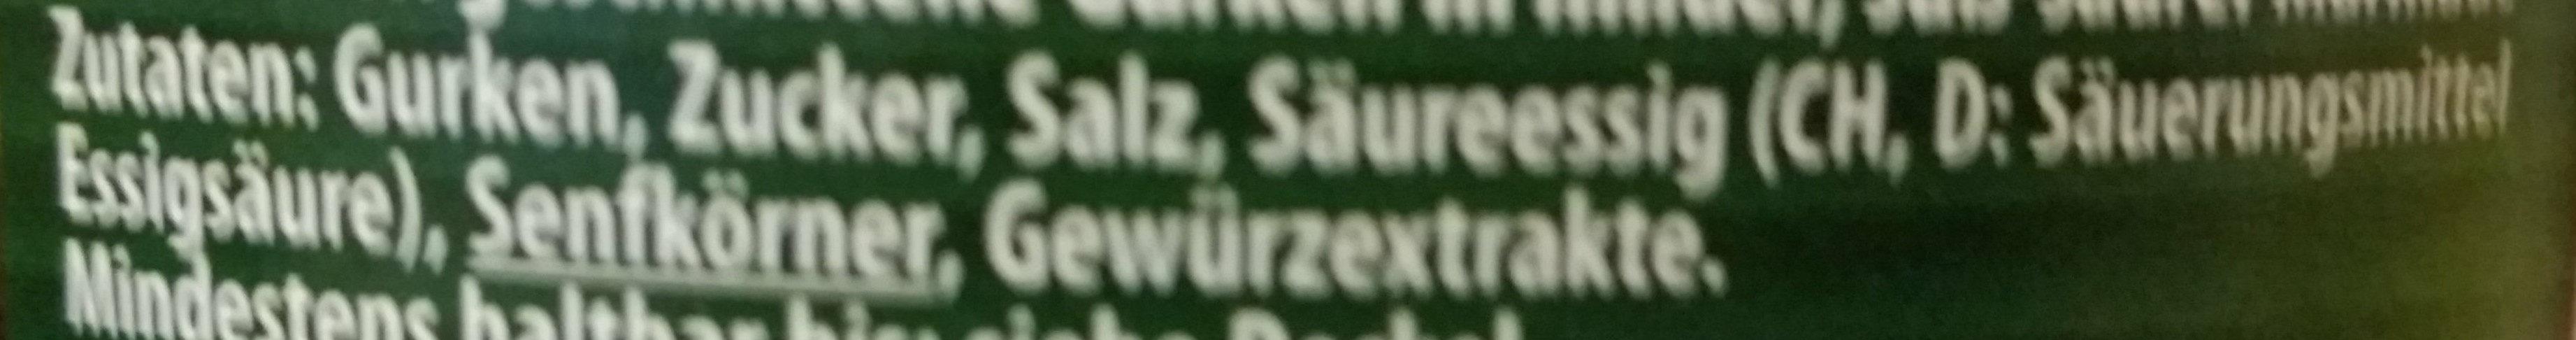 Sandwich Gurken süss-sauer - Ingredients